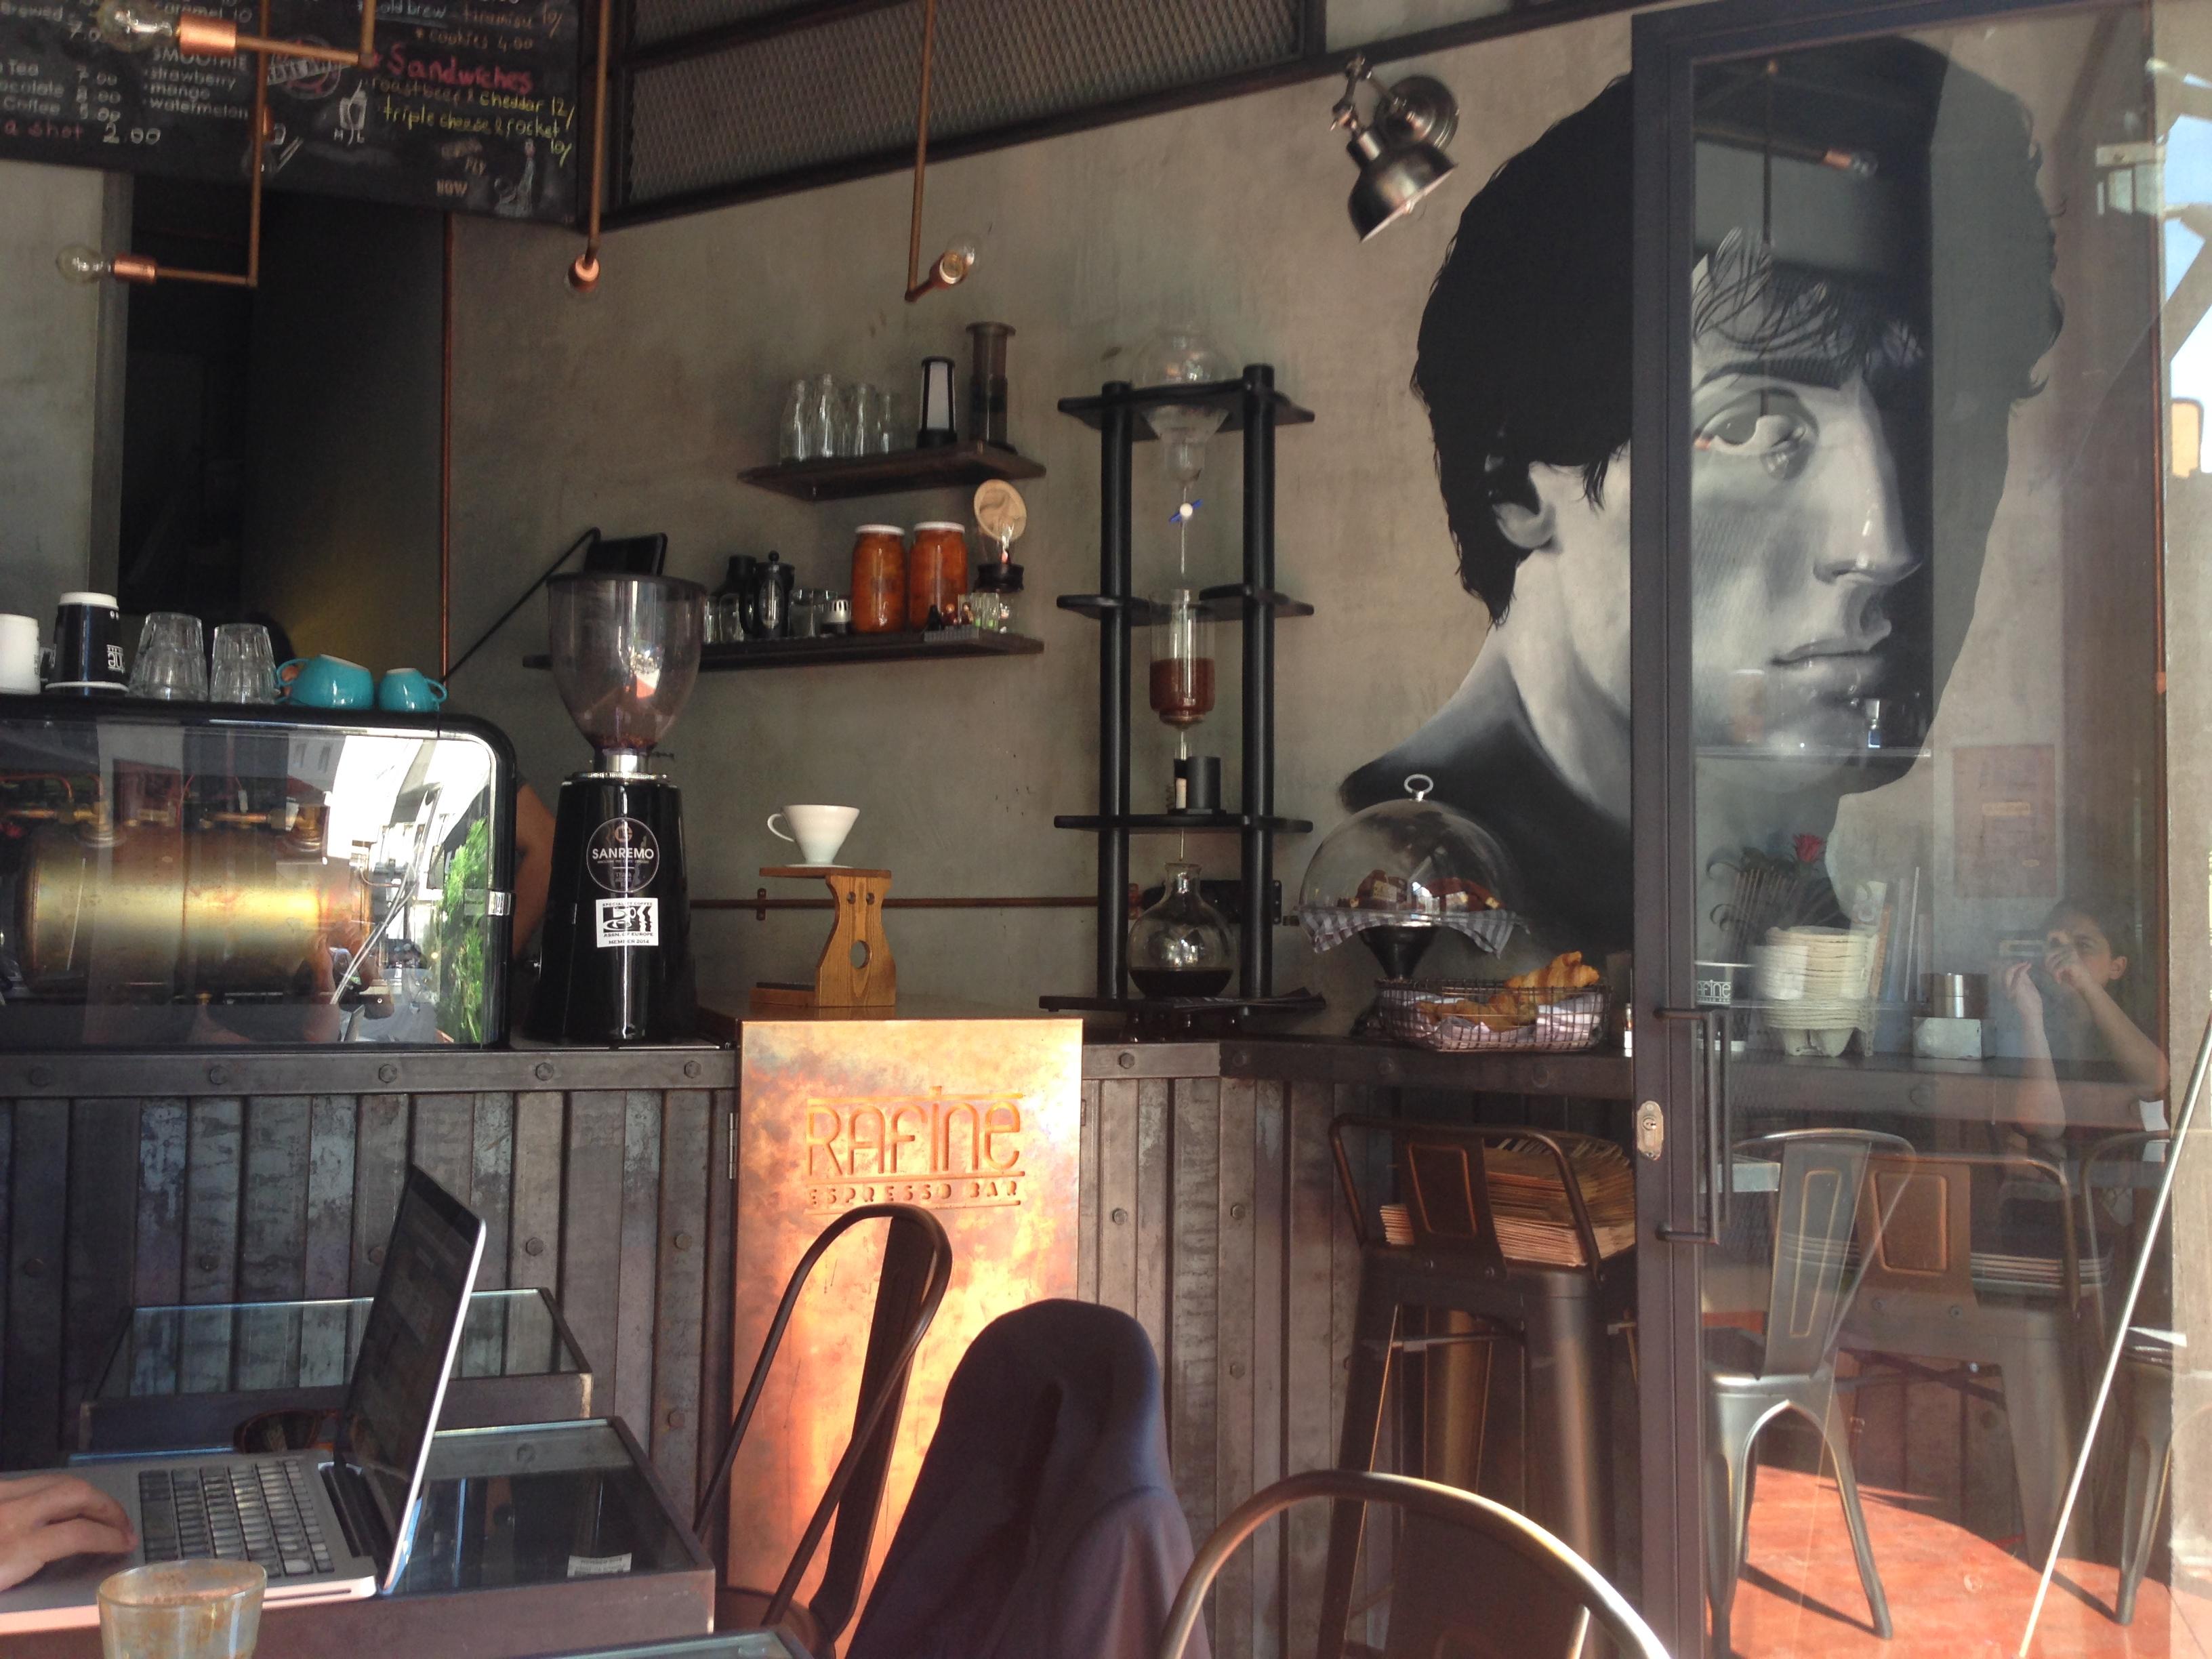 themagger - rafine  espresso bar kadıköy